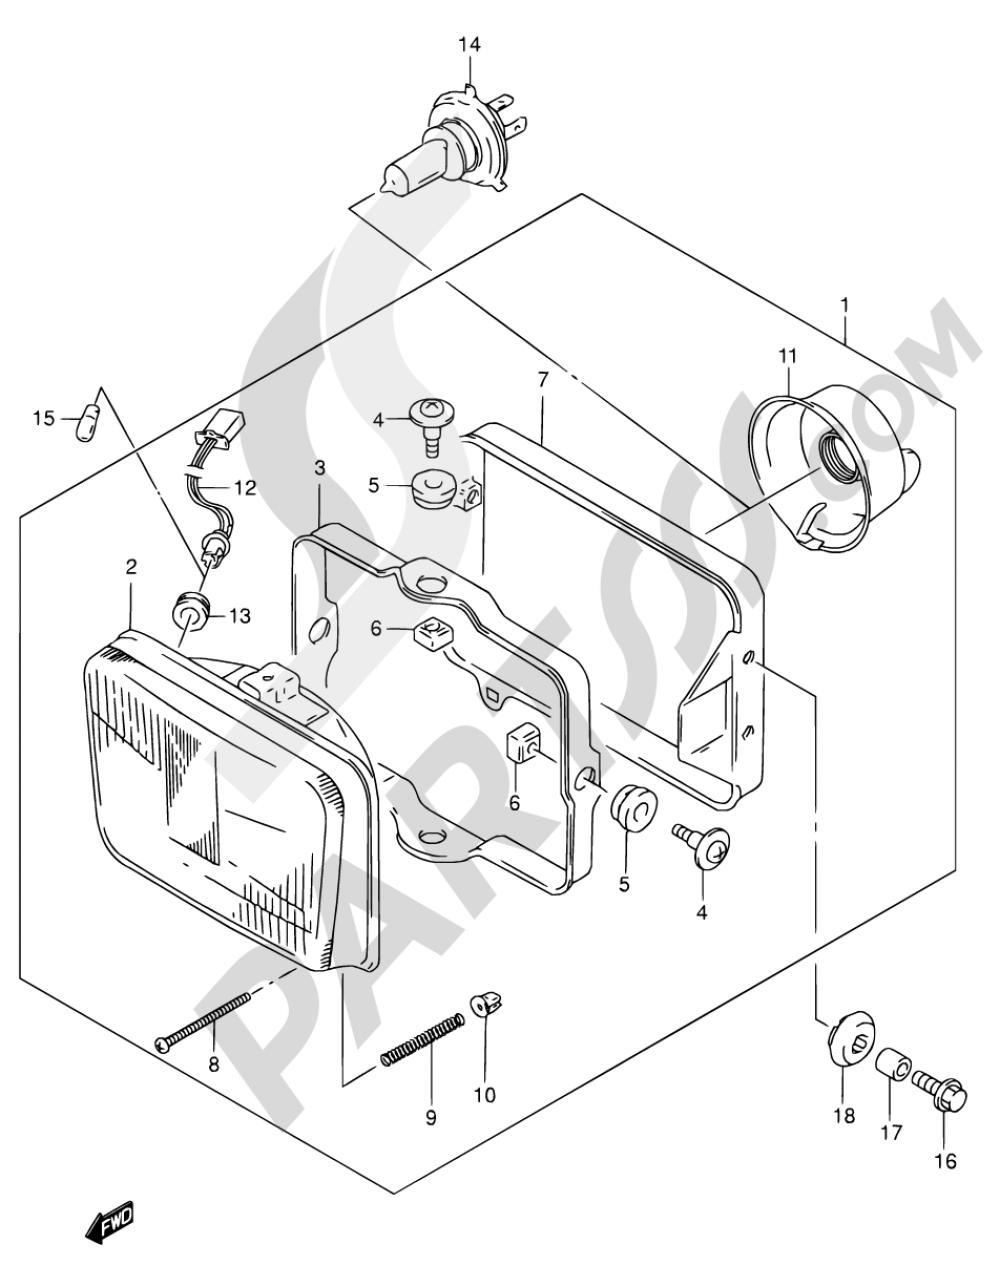 25 - HEADLAMP (MODEL K1 E04,E17,E18,E22,E34,E54) Suzuki DR650SE 2001